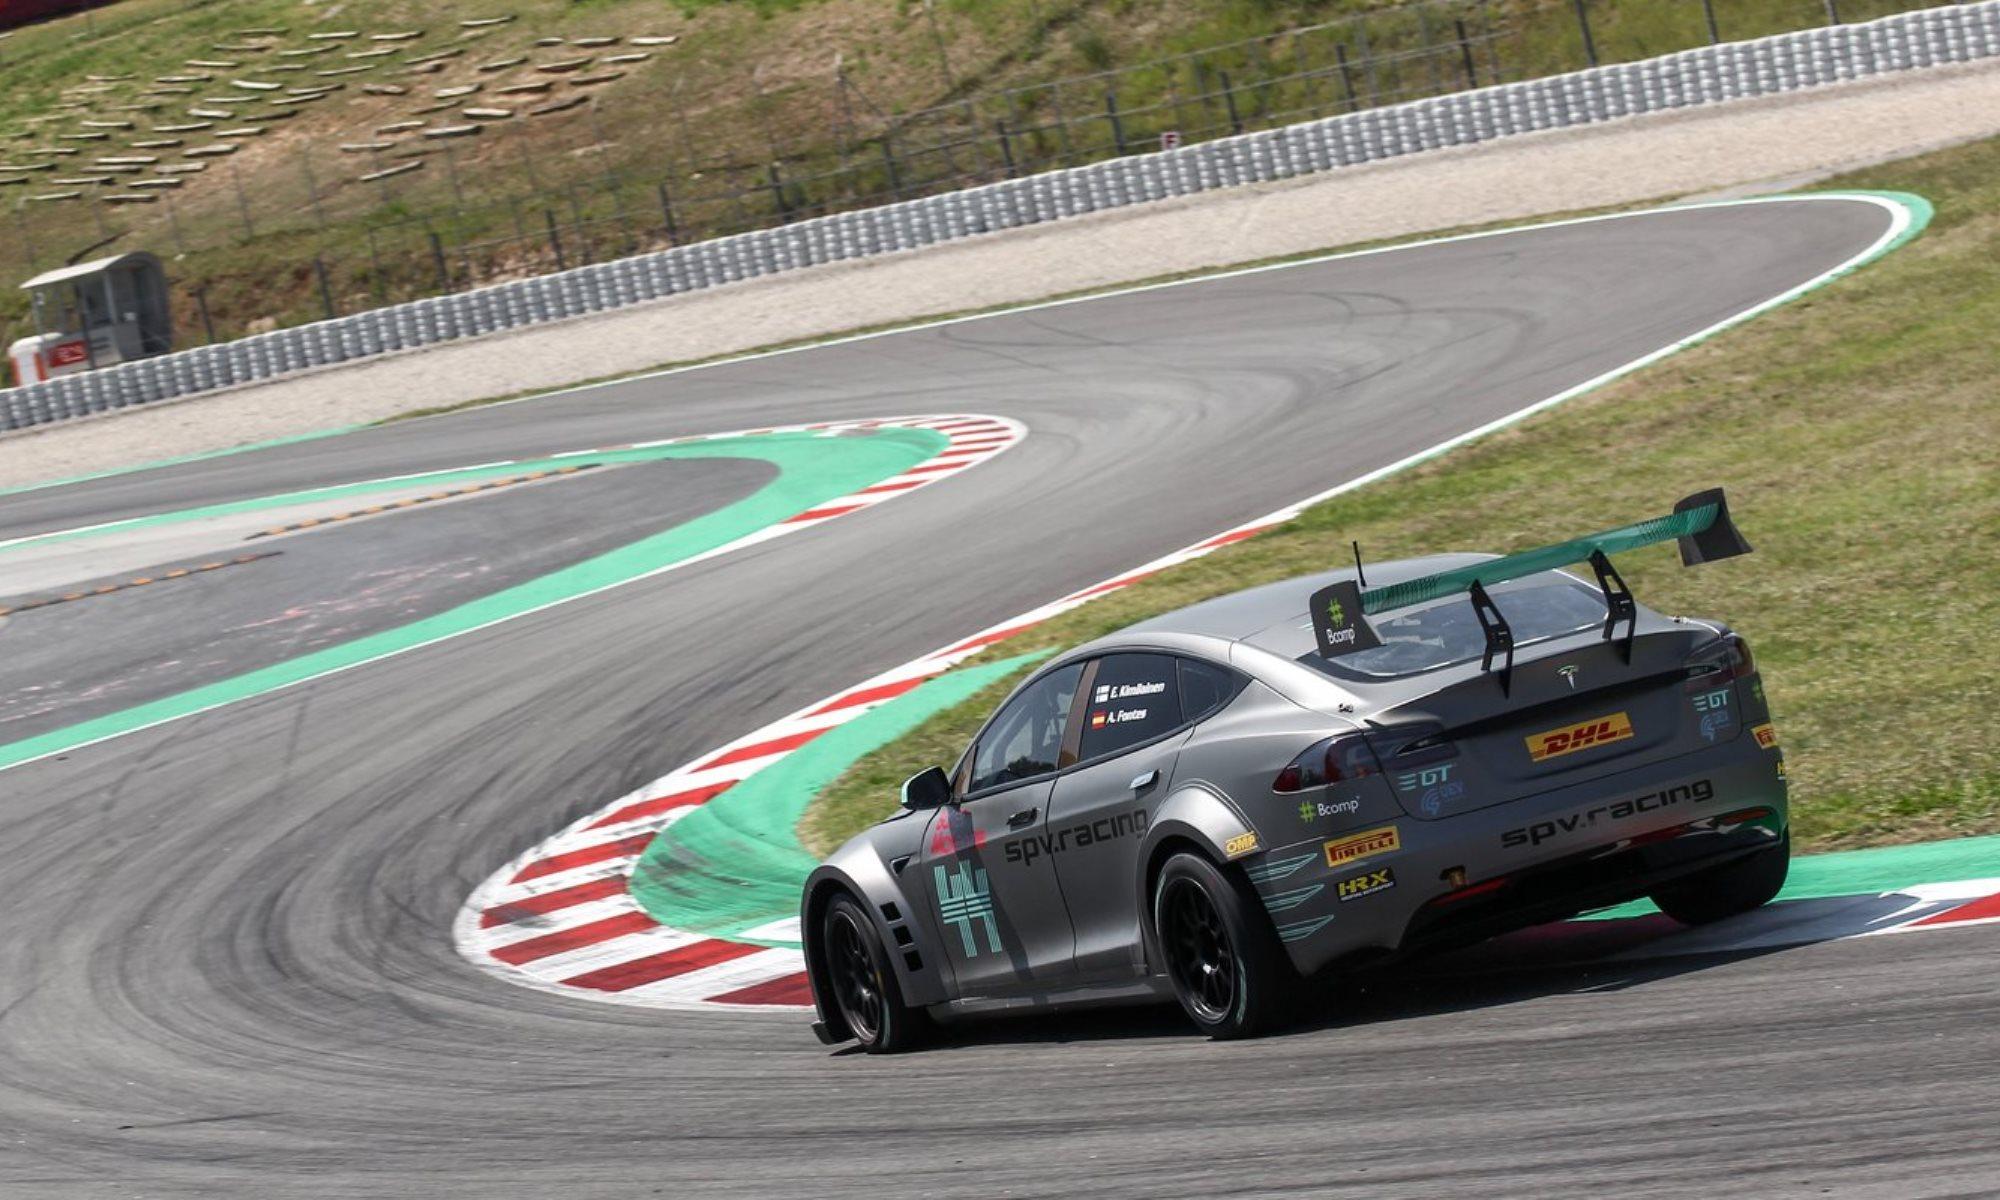 Tesla P100D racer on track rear